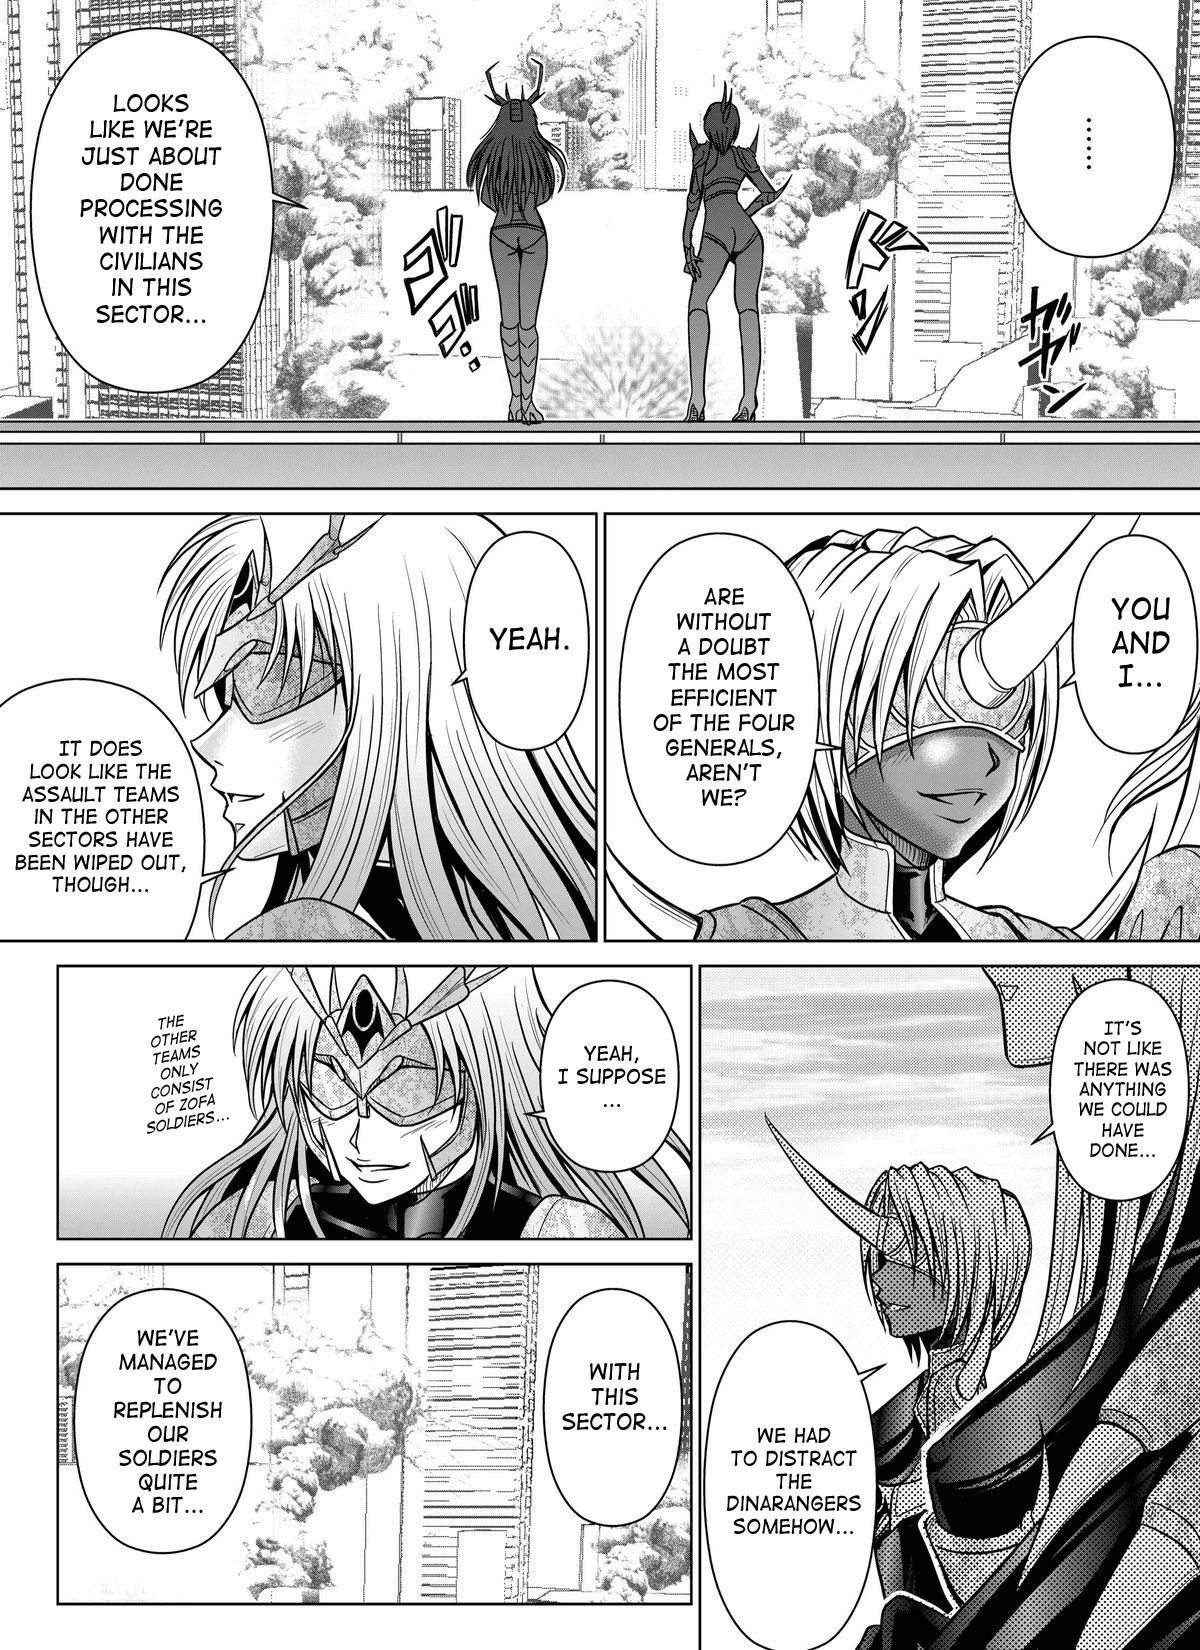 [Macxe's (monmon)] Tokubousentai Dinaranger ~Heroine Kairaku Sennou Keikaku~ Vol. 07/08/Gaiden01 [English] [SaHa] 5